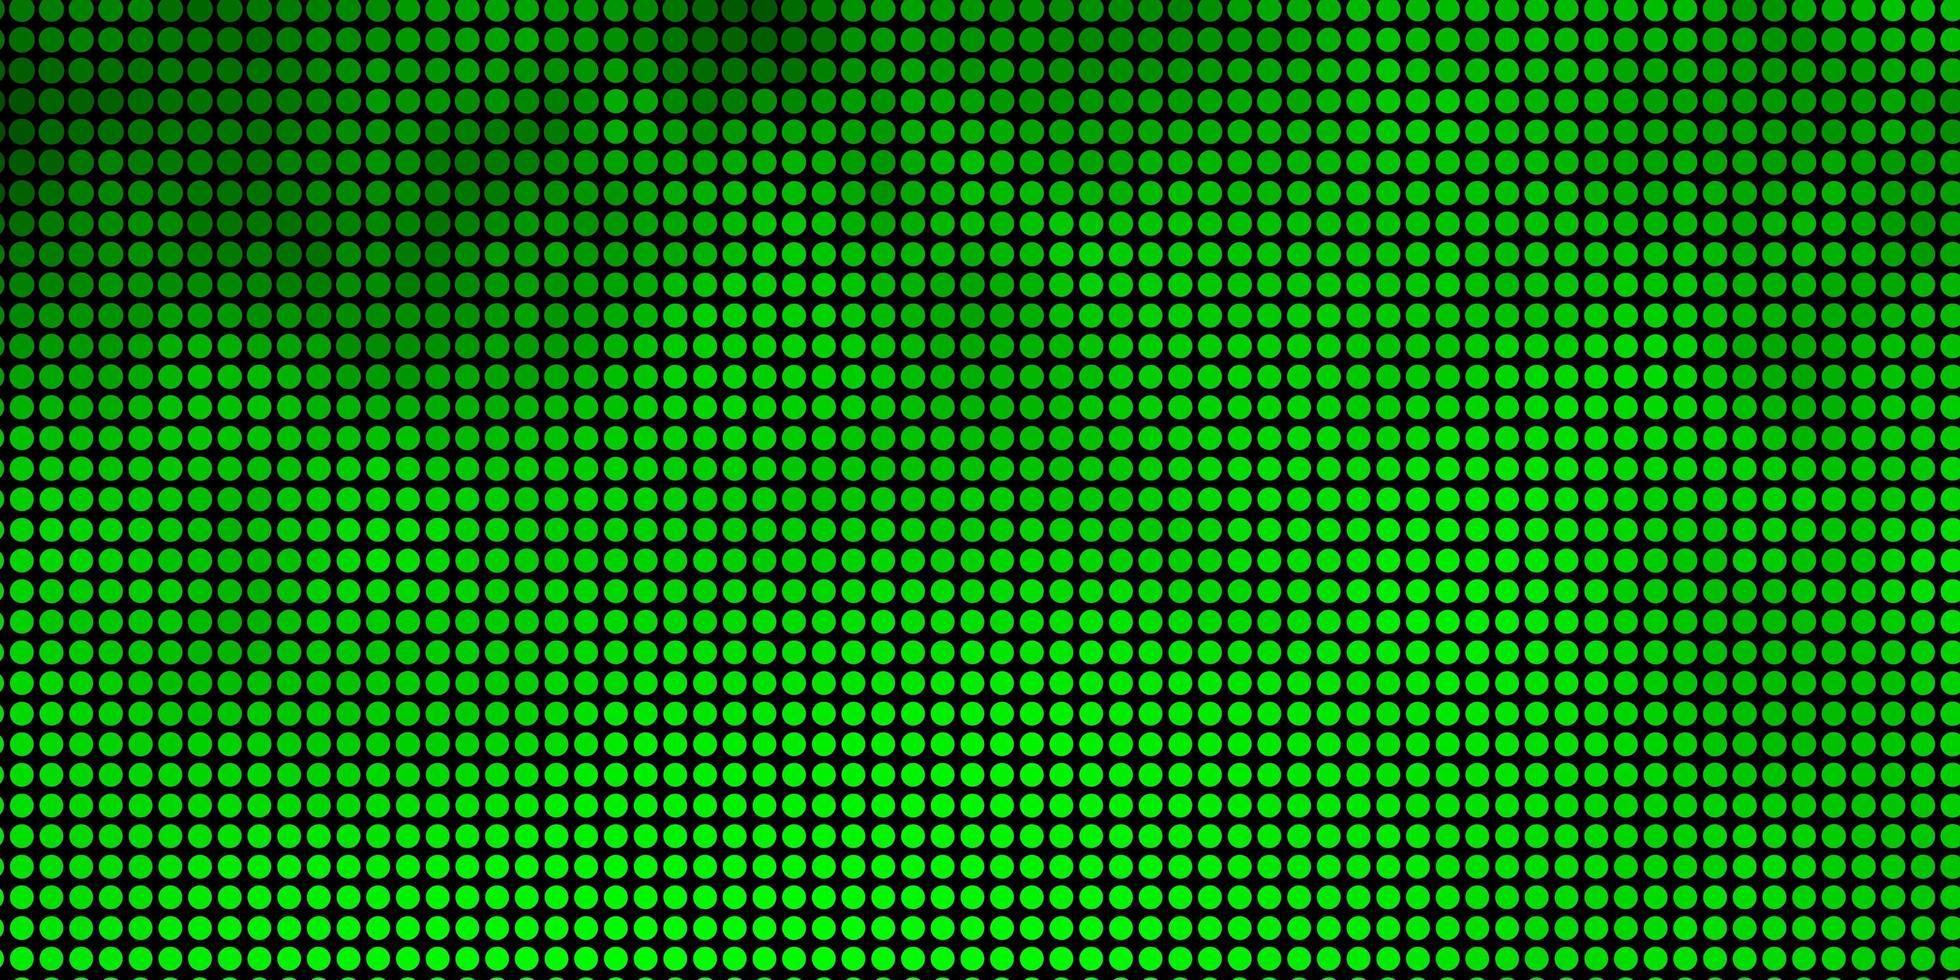 grüner Hintergrund mit Punkten. vektor